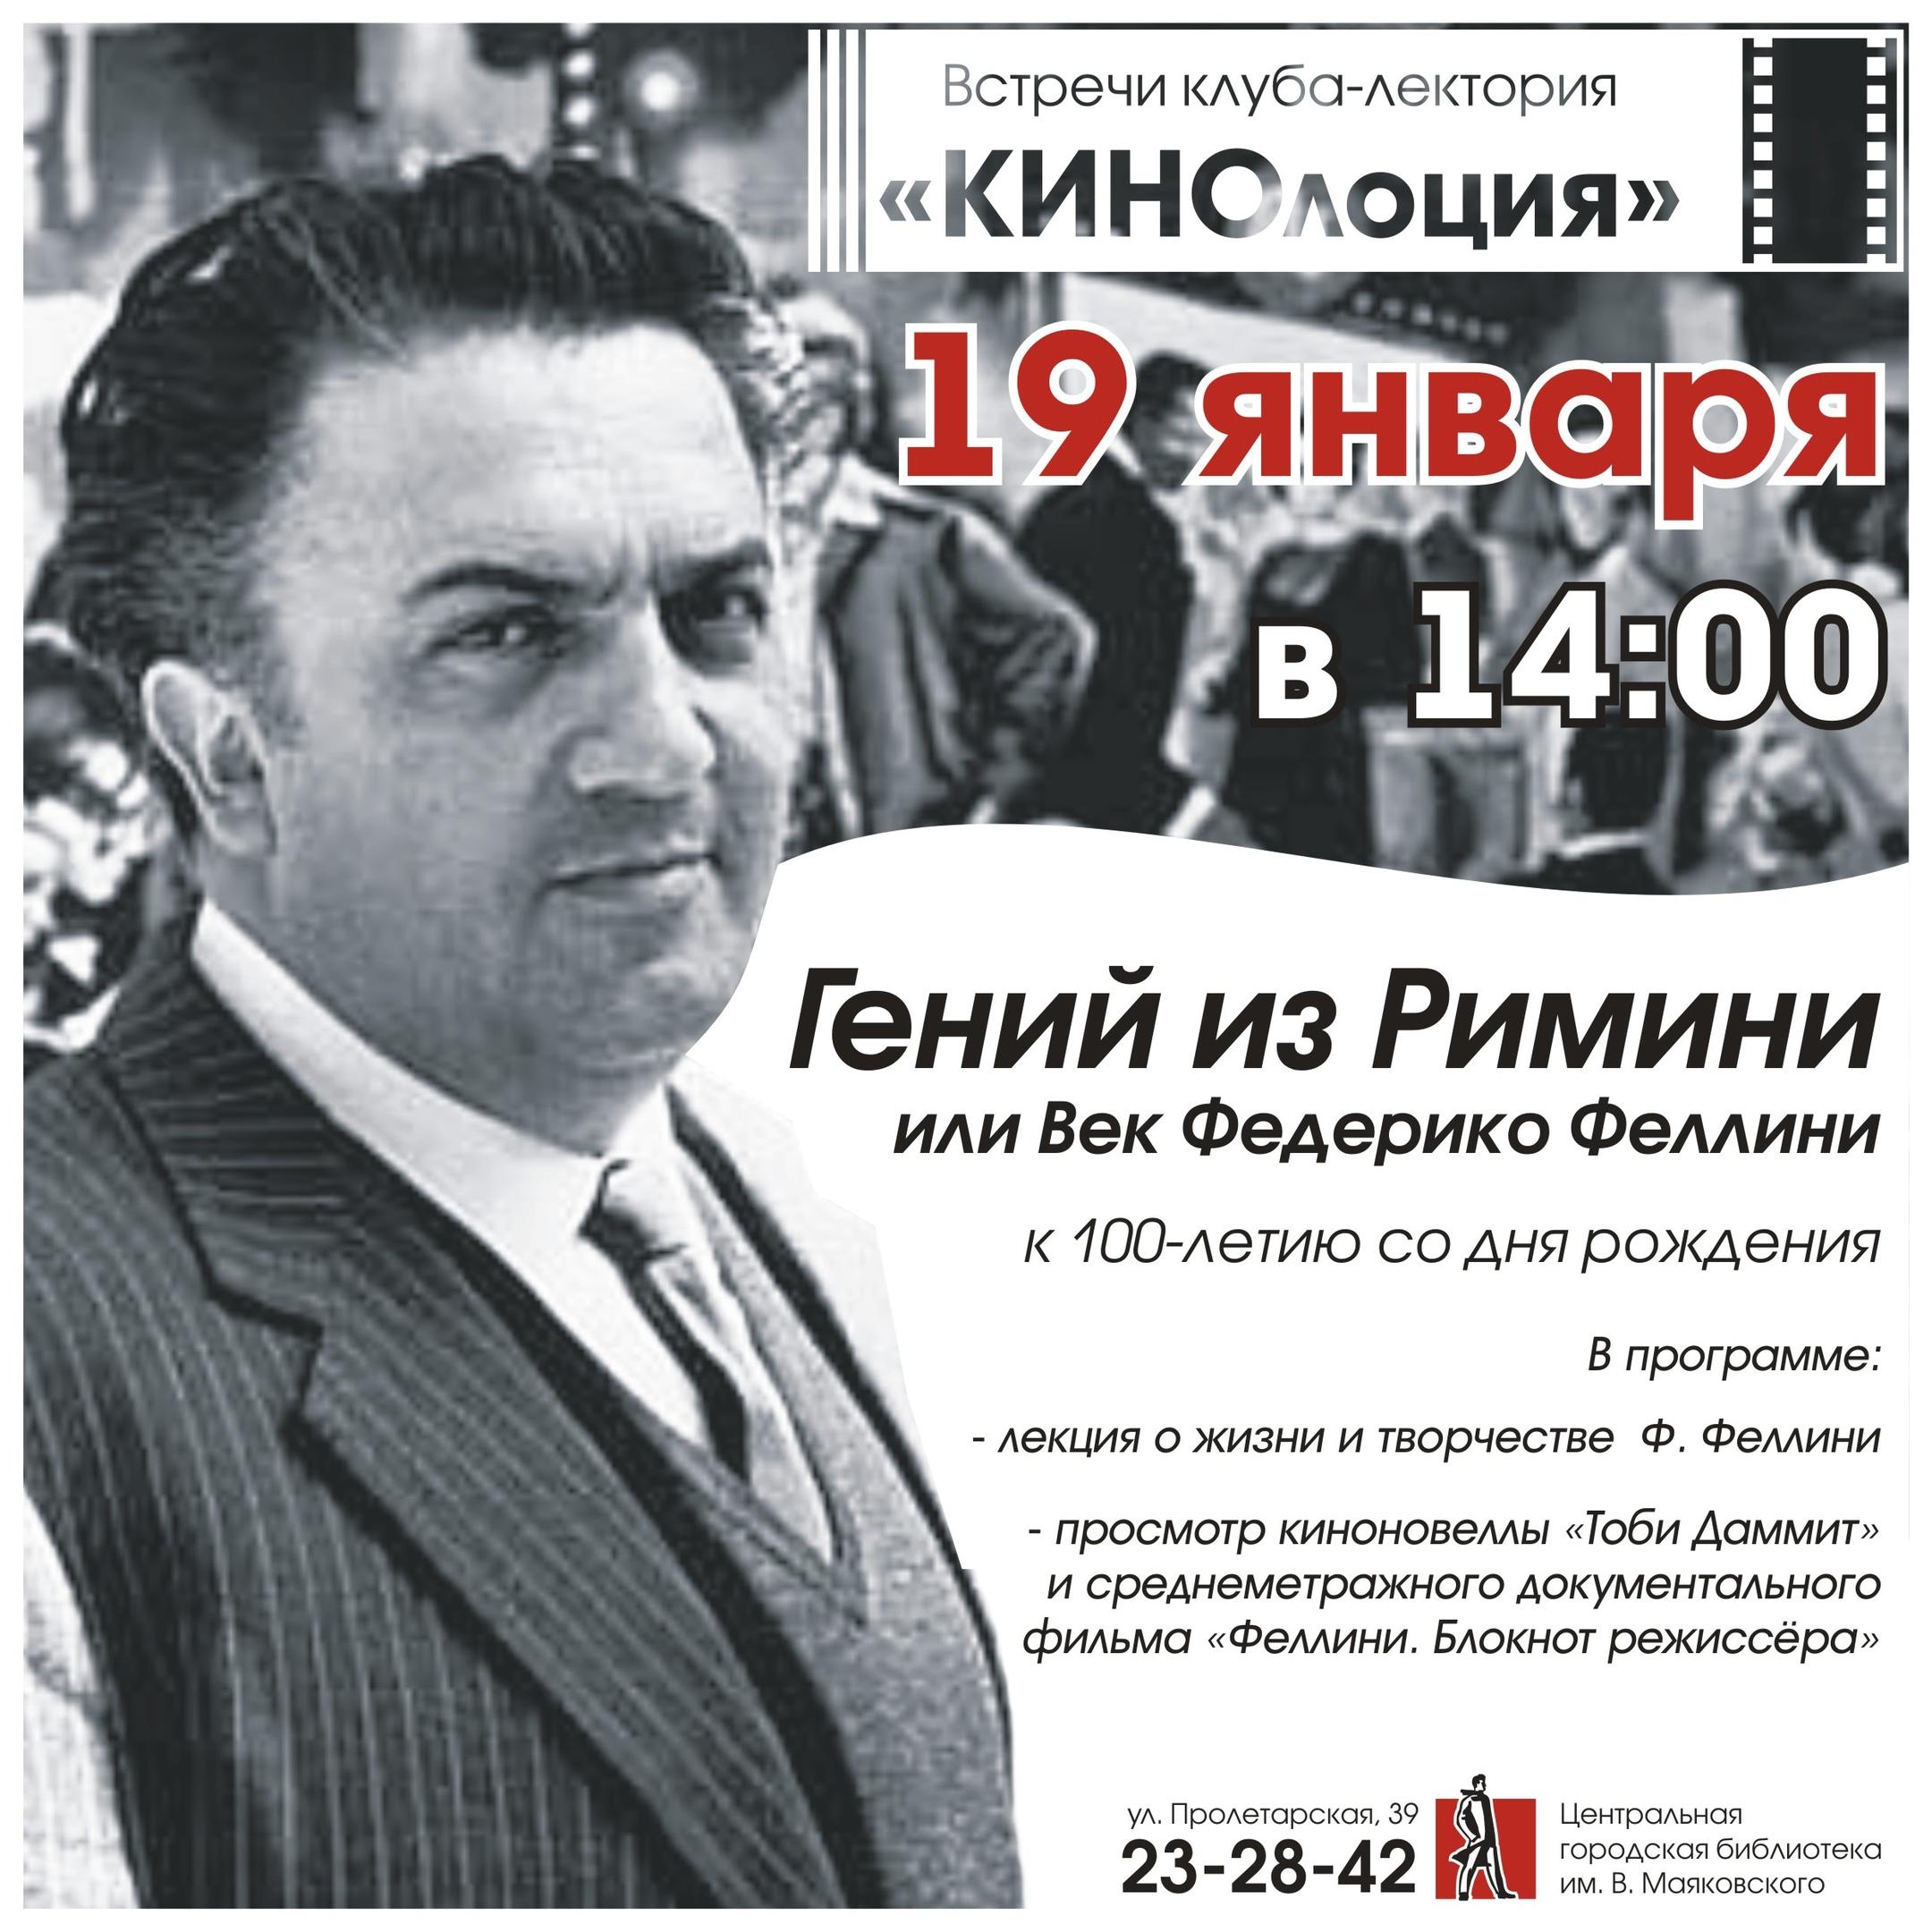 мероприятие «КИНОлоция» в Маяковке!  курган афиша расписание